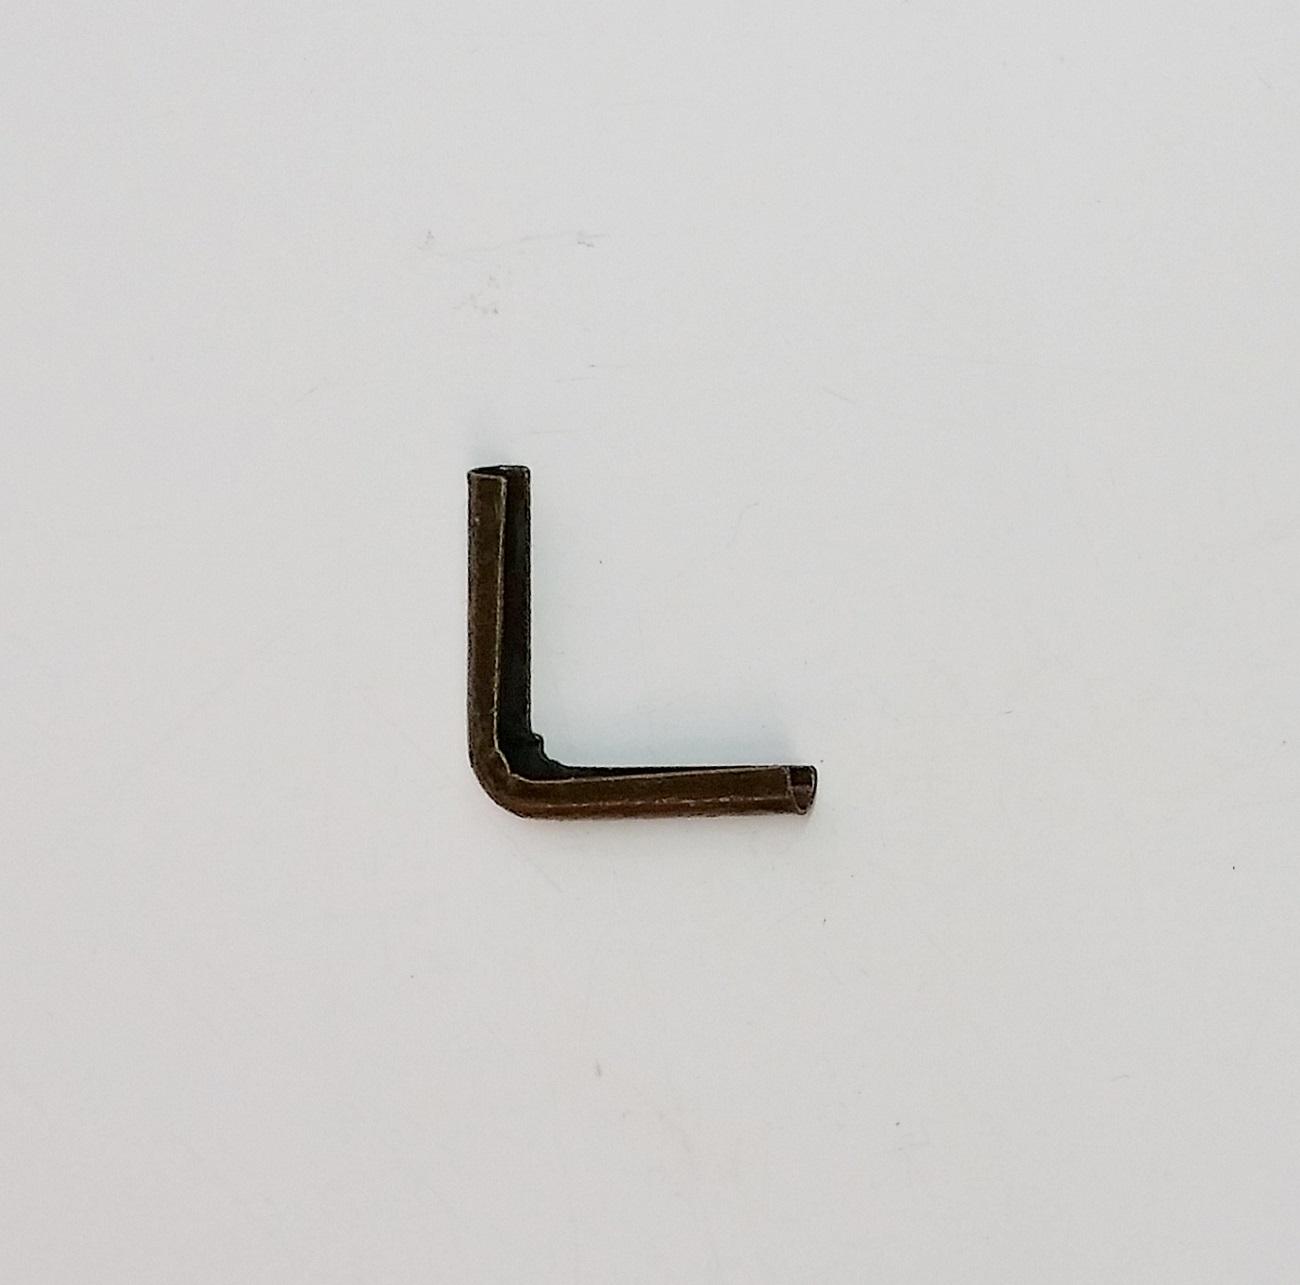 Cantoneira 19mm x 19mm Ouro Velho